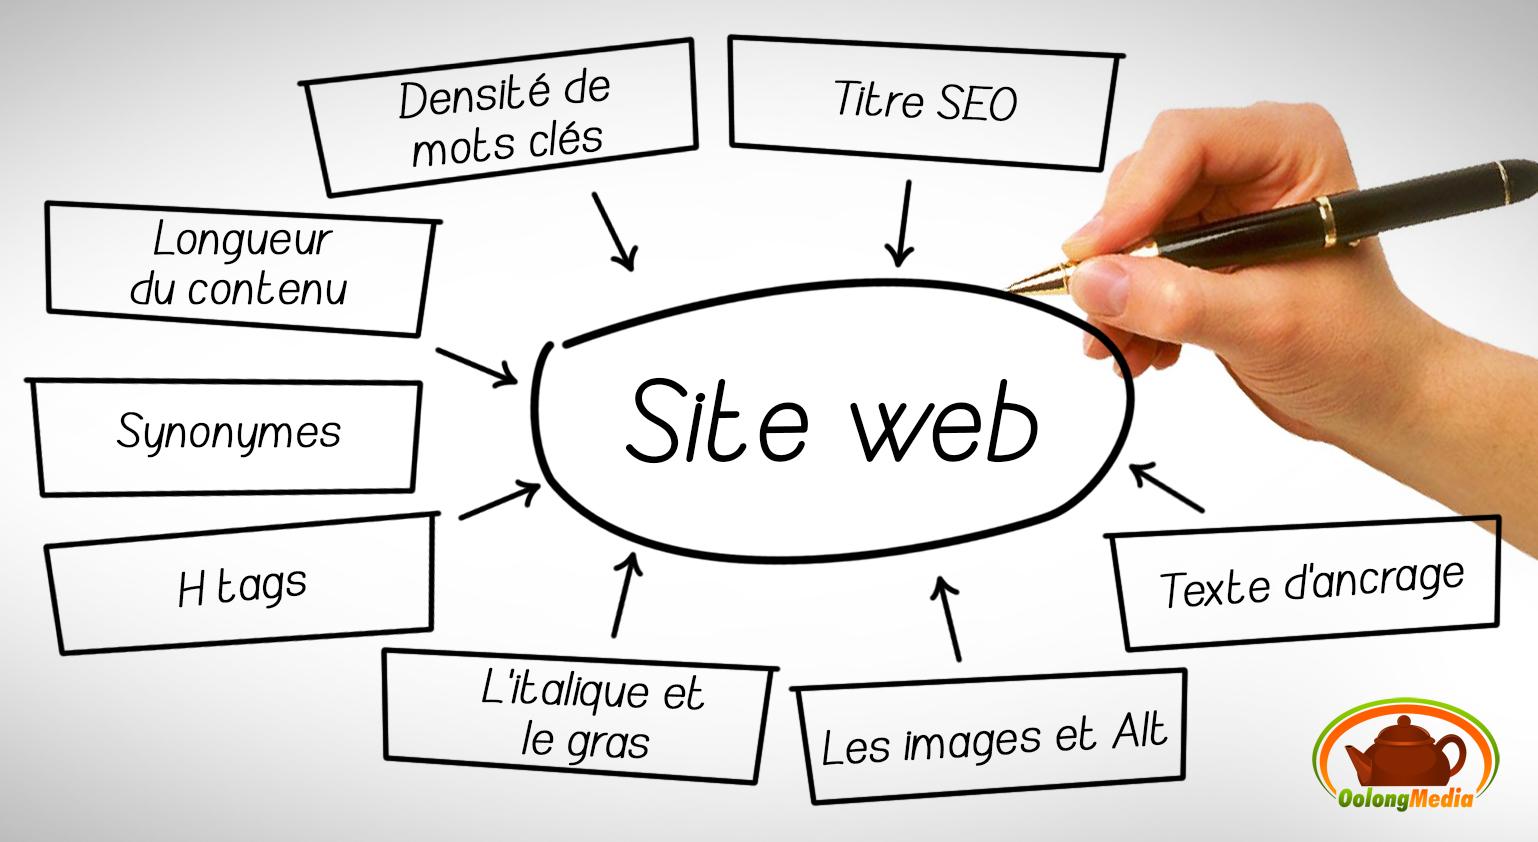 Soumettre le moteur de recherche adulte du site